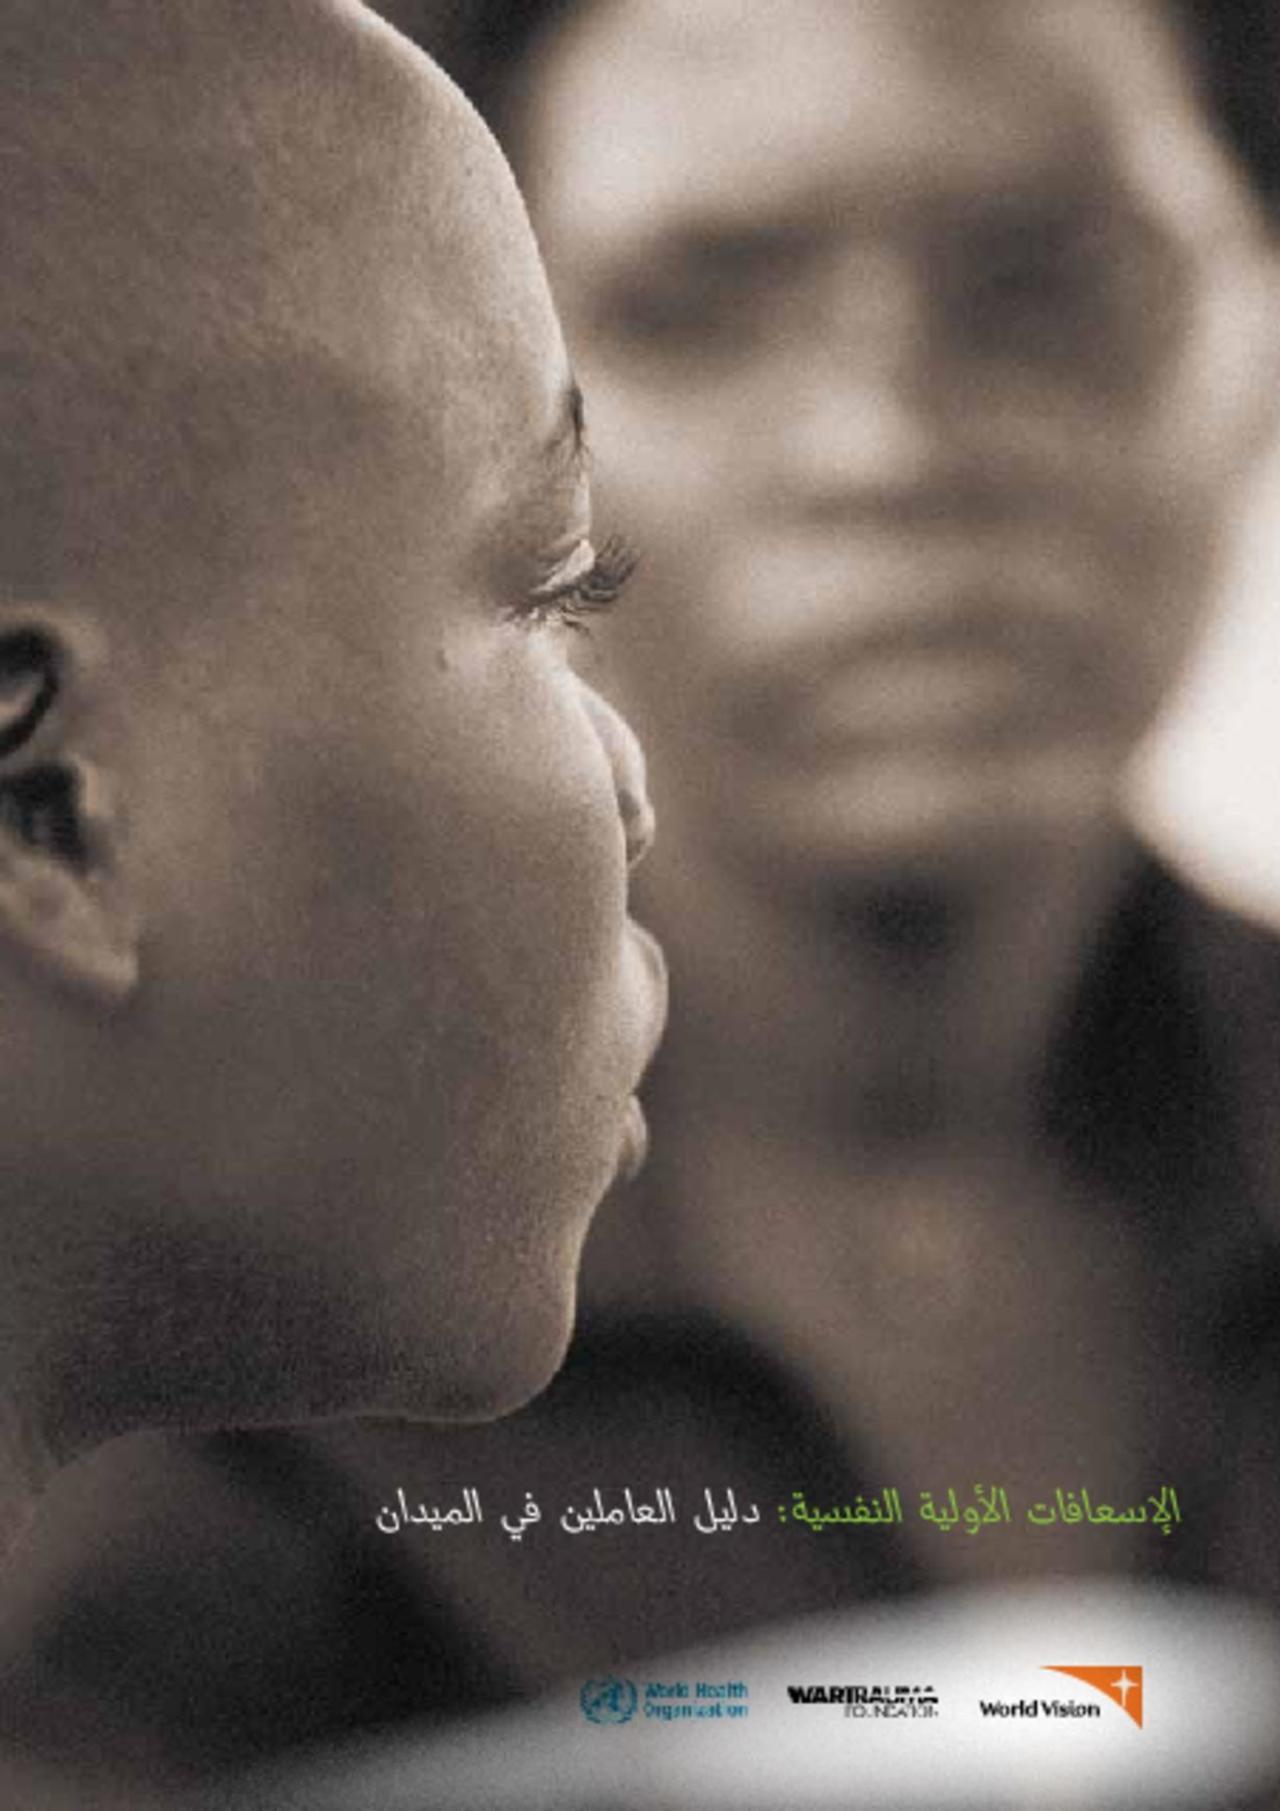 الإسعافات الأولية النفسية: دليل العاملين في الميدان